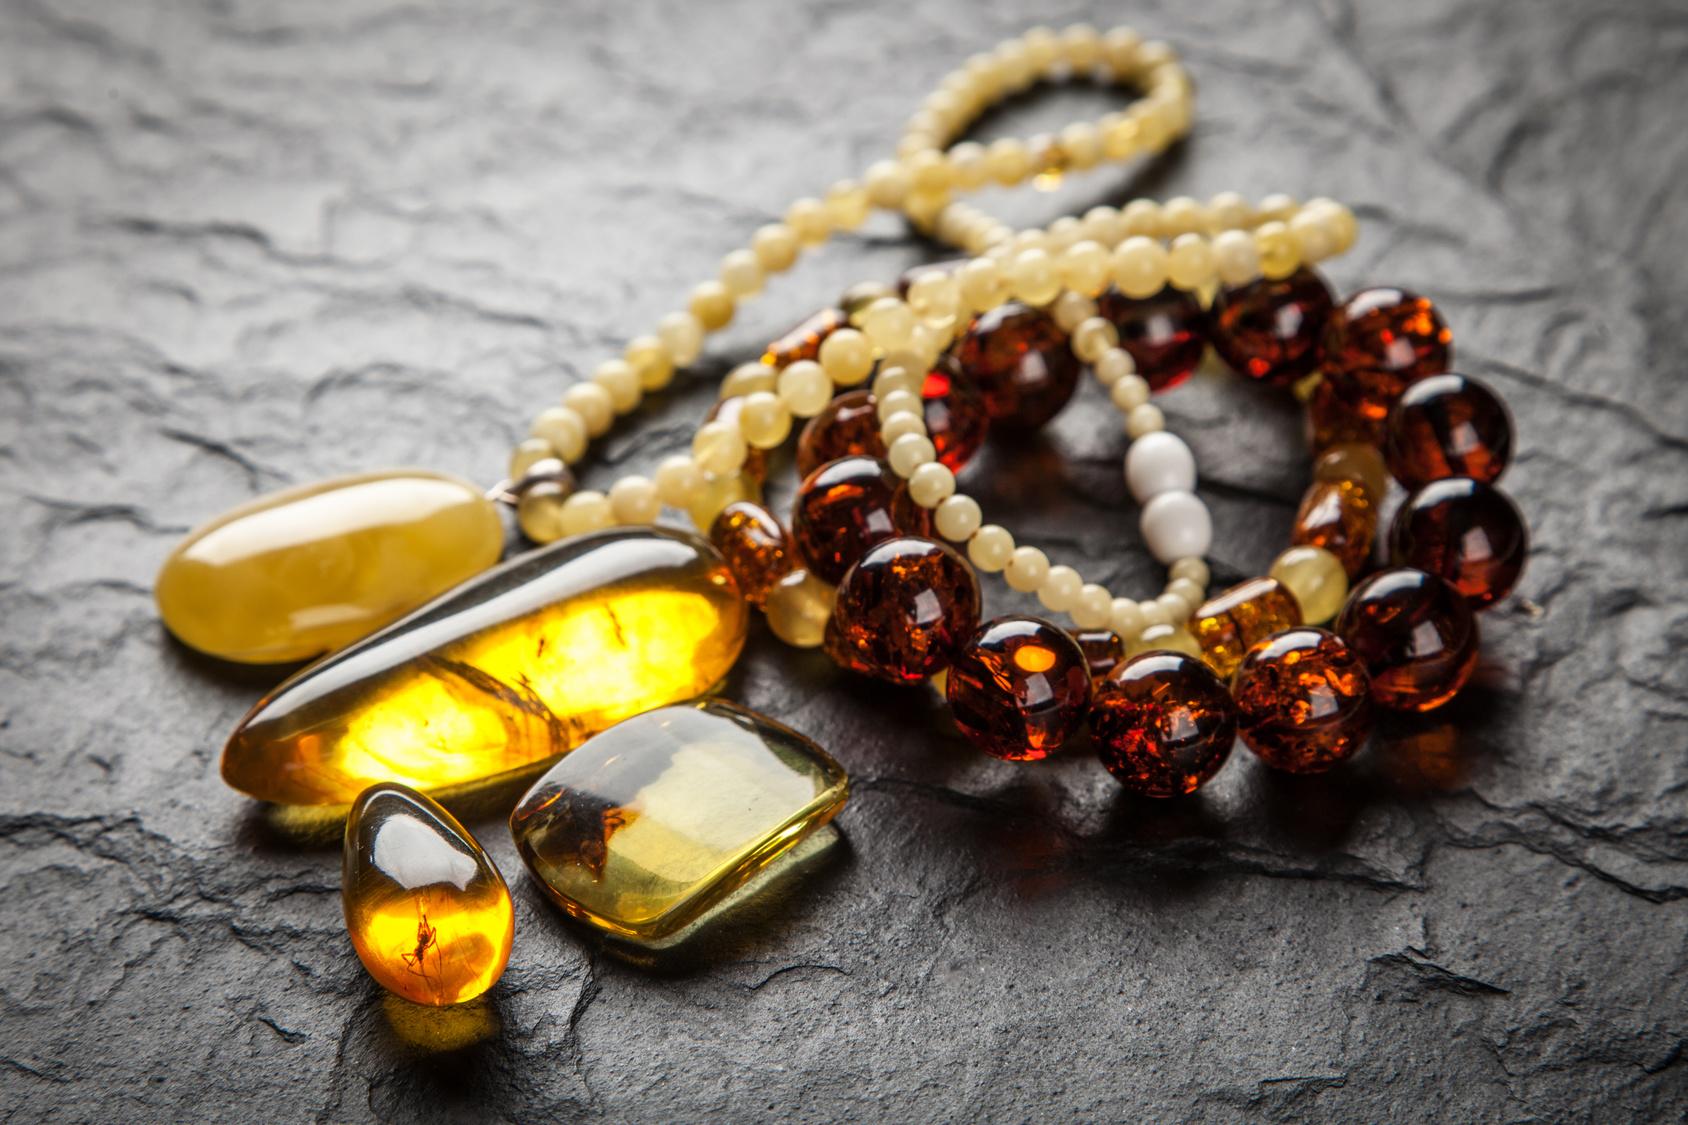 Les pendentifs, un ornement esthétique et symbolique